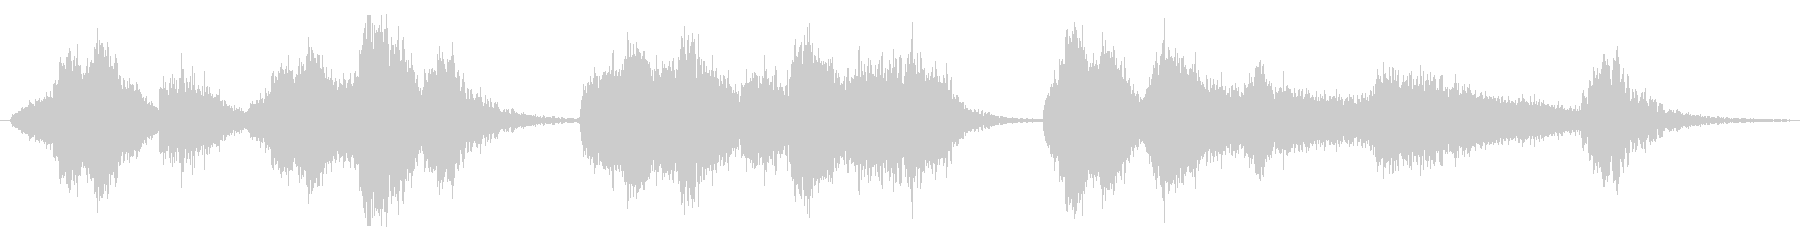 現代的 交響曲 ドラマチック 管楽...の未再生の波形